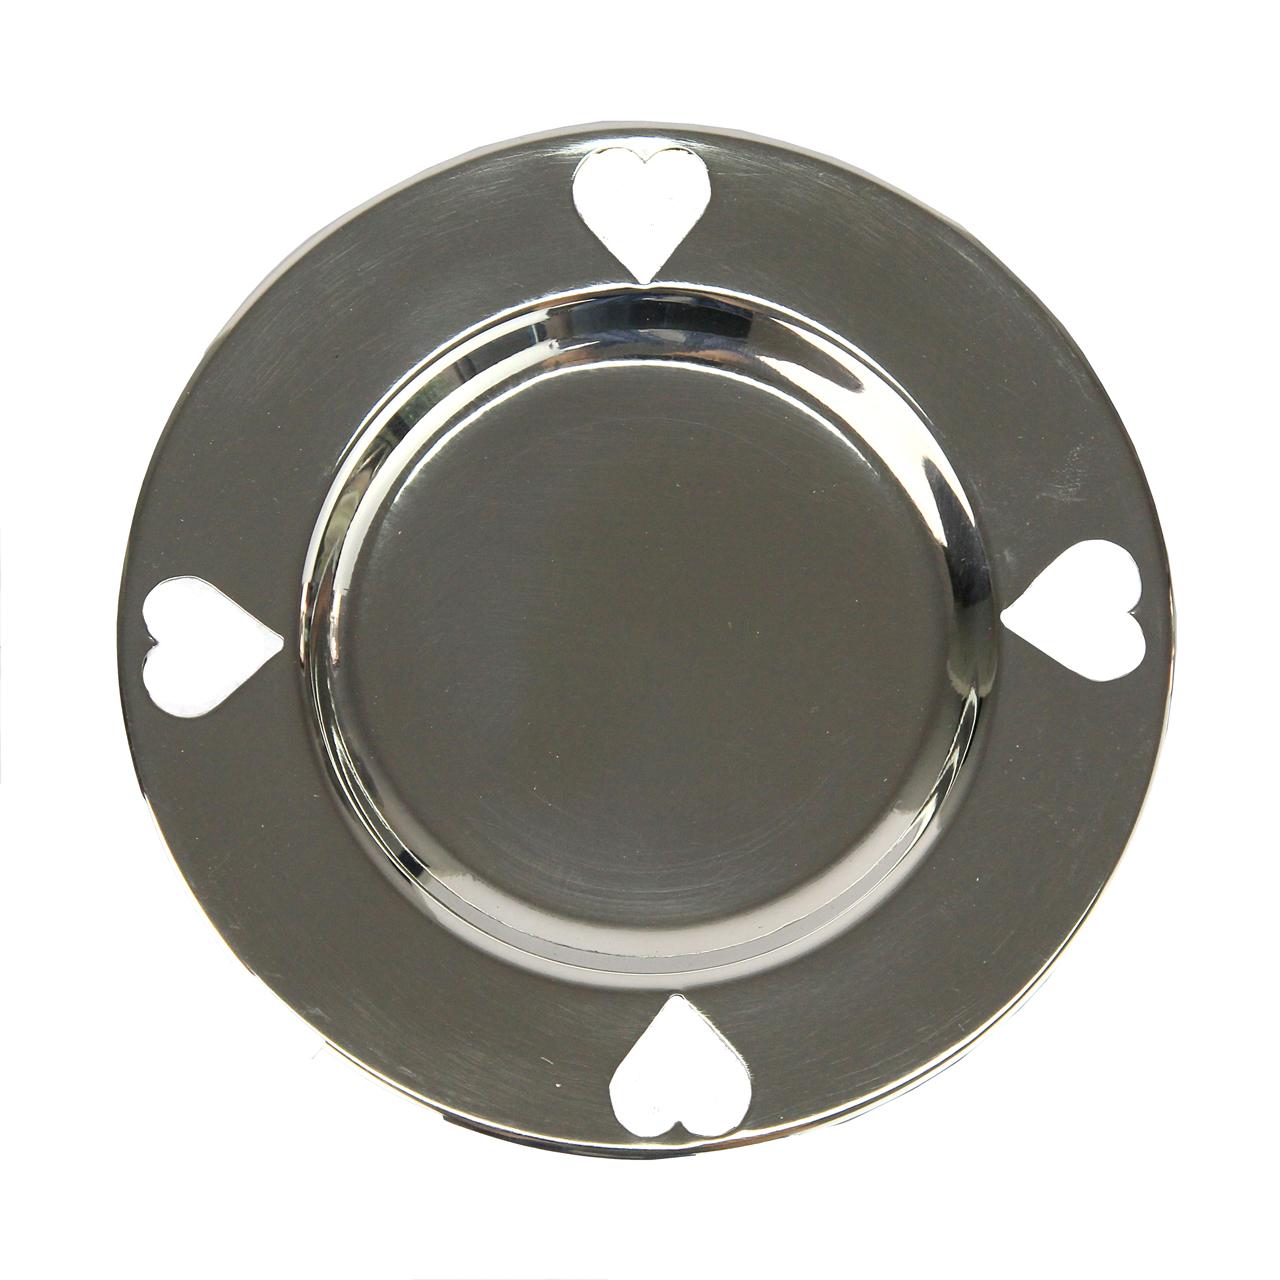 Farfurie Decorativa Din Metal Argintiu 13 Cm